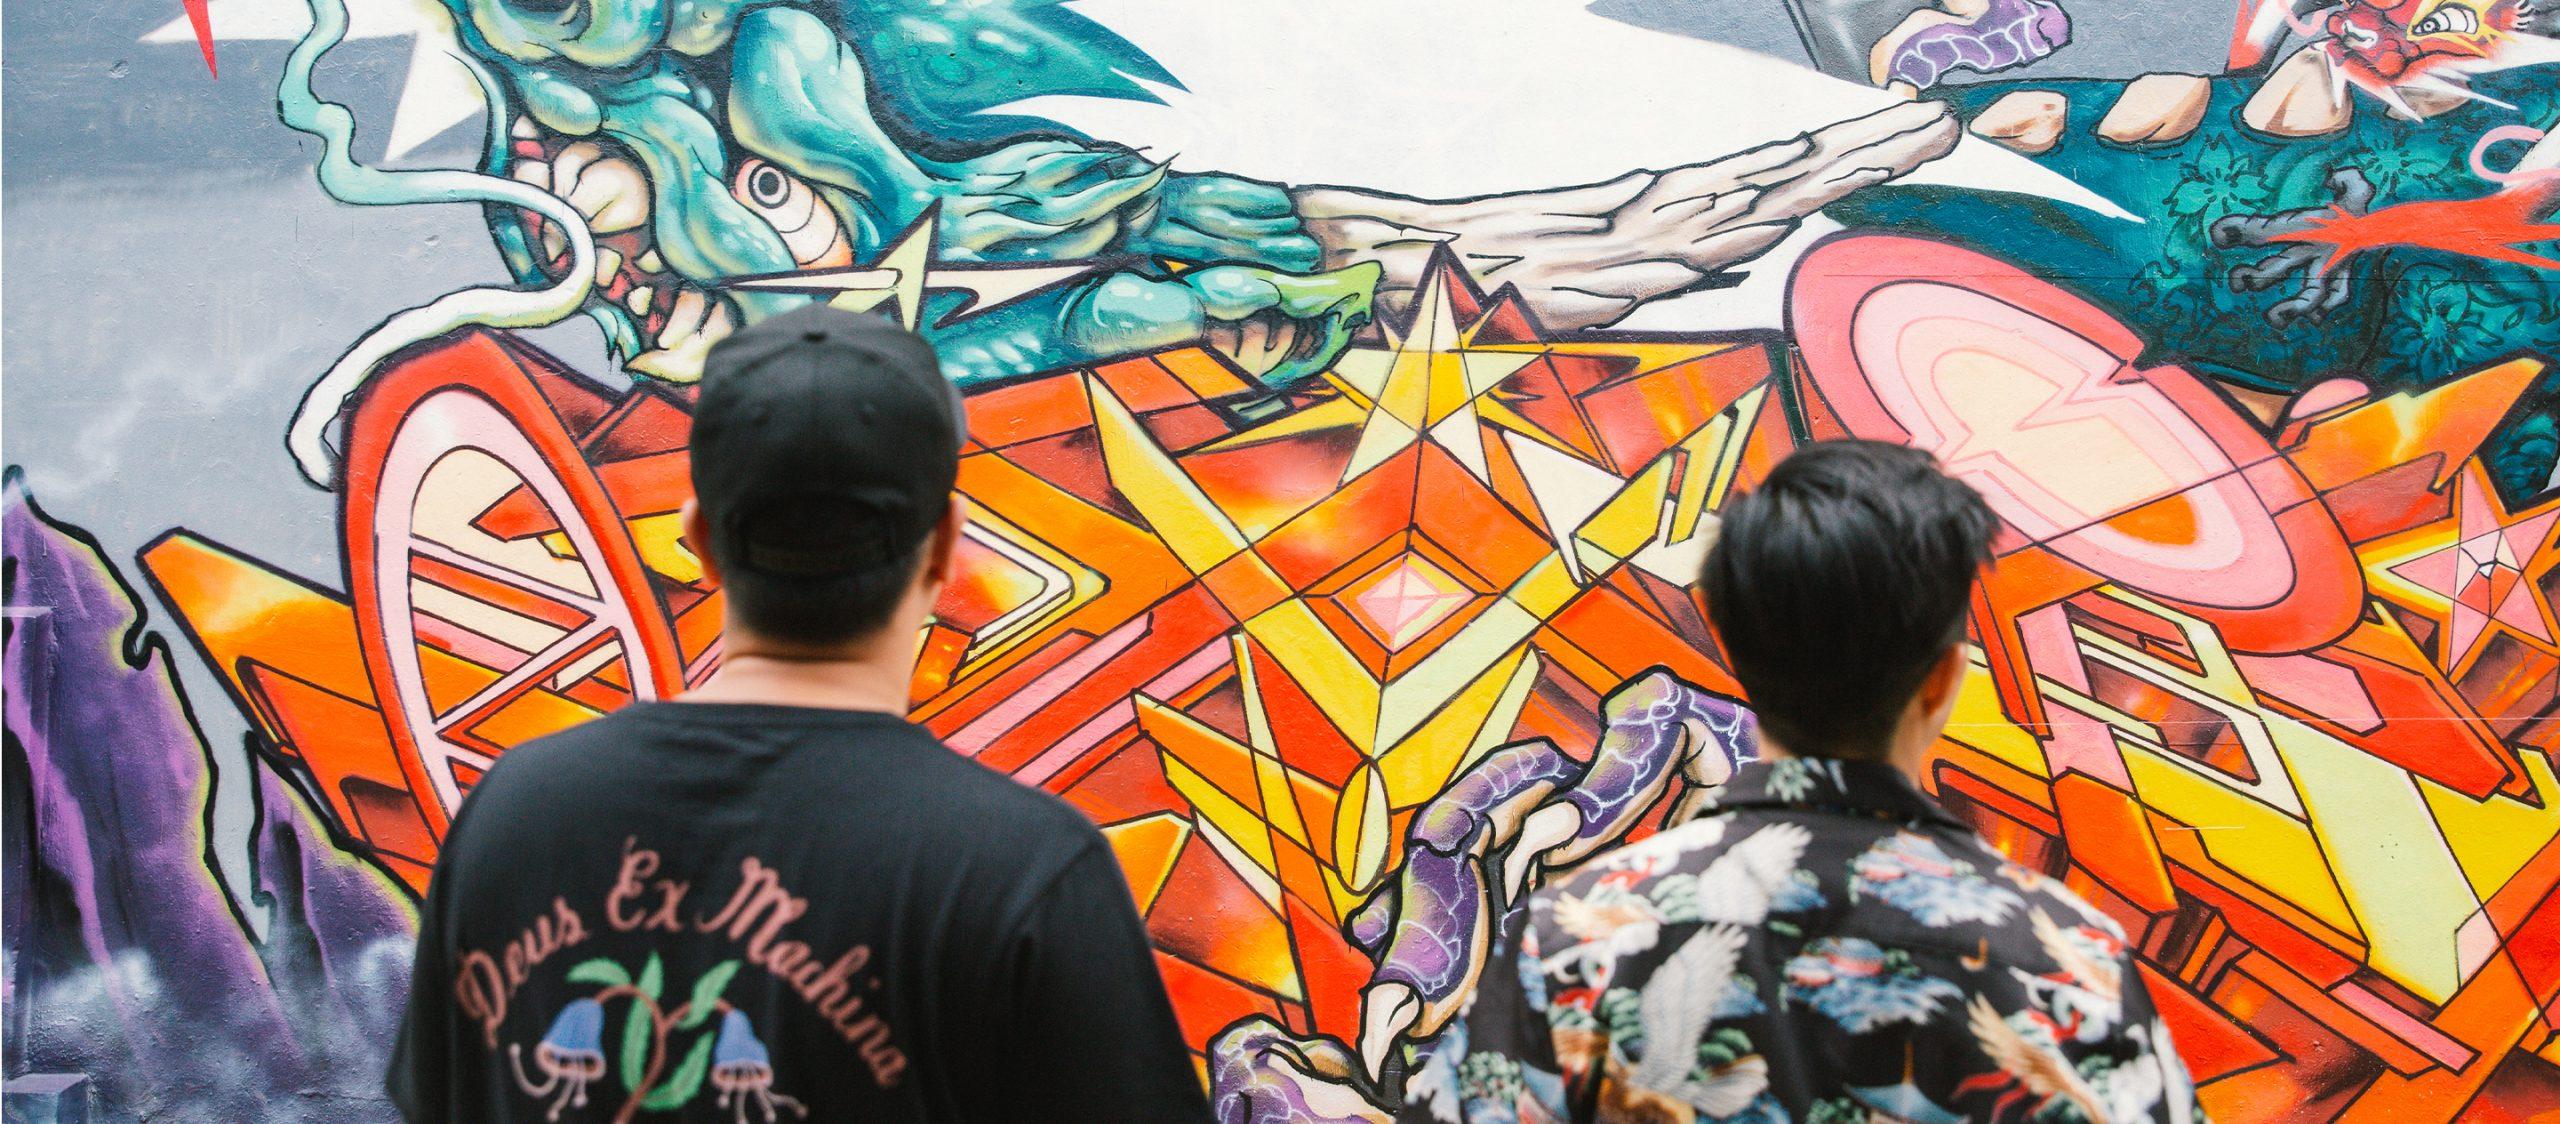 สำรวจ 'The Unknown World' โลกอีกใบของสิงคโปร์กับศิลปินสตรีทอาร์ต Sam Lo & Rukkit